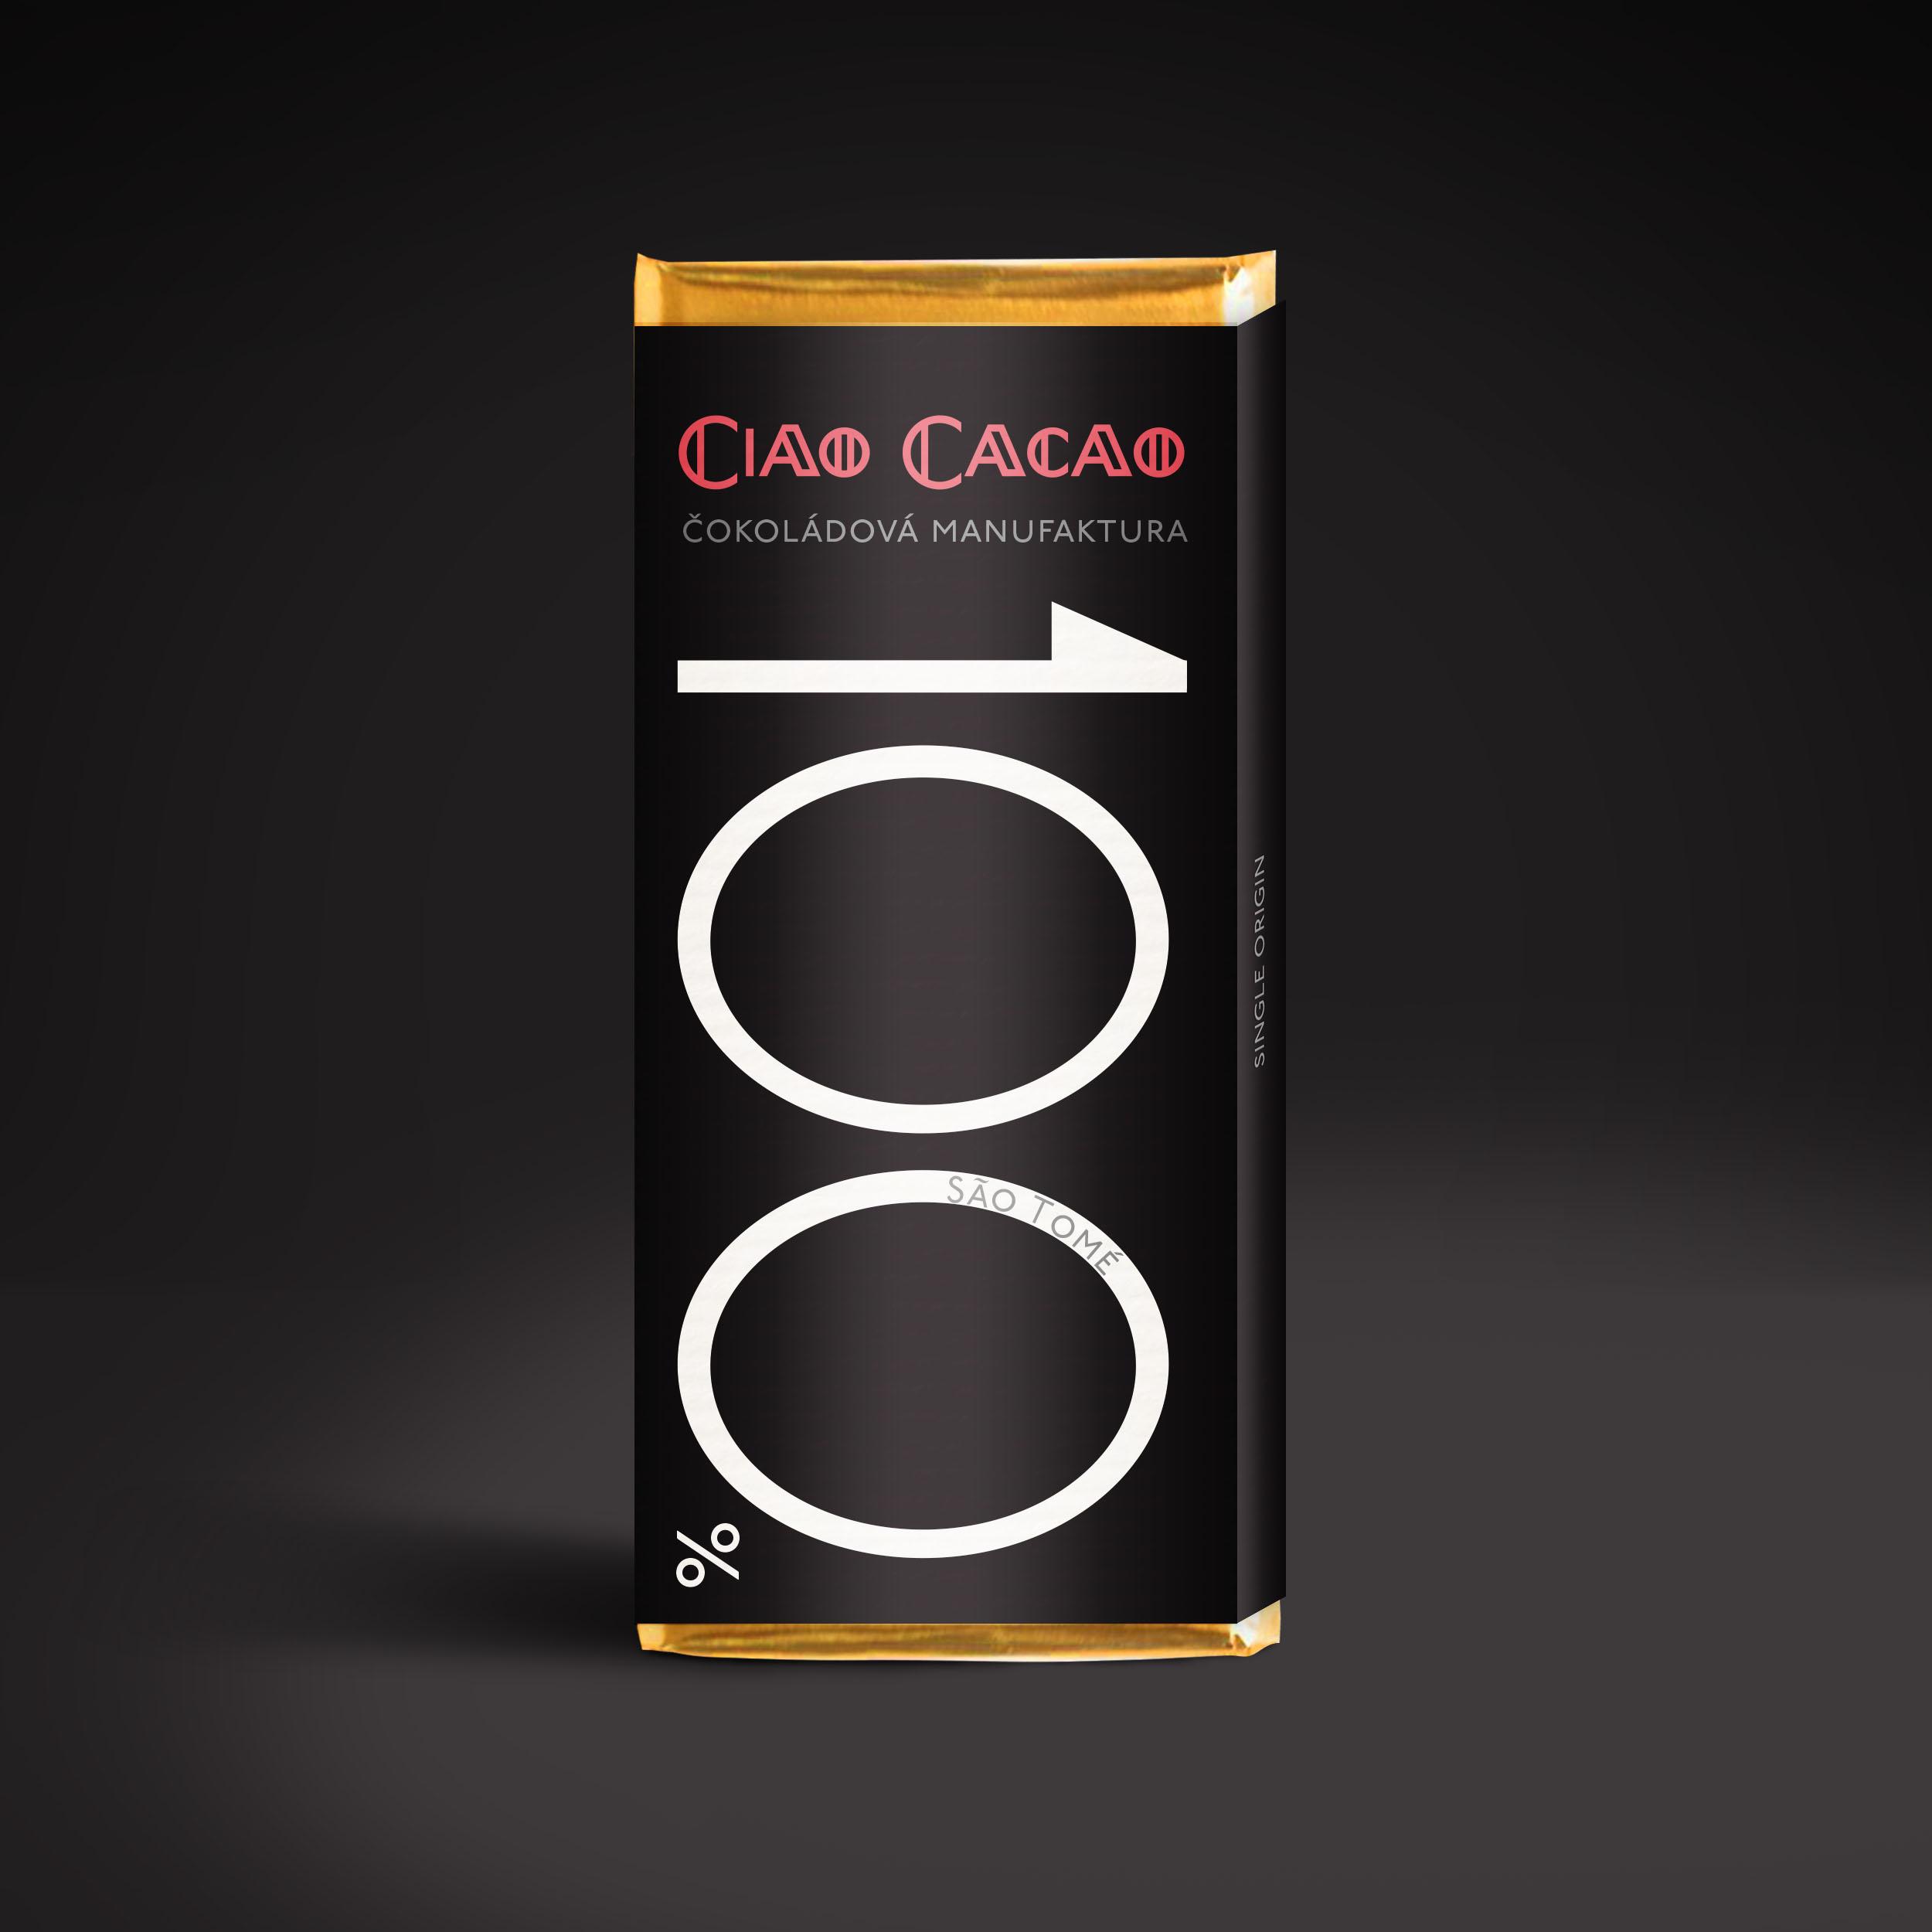 tabulka 100% čokolády z kakaových bobů z ostrovů Svatý Tomáš a Principův ostrov